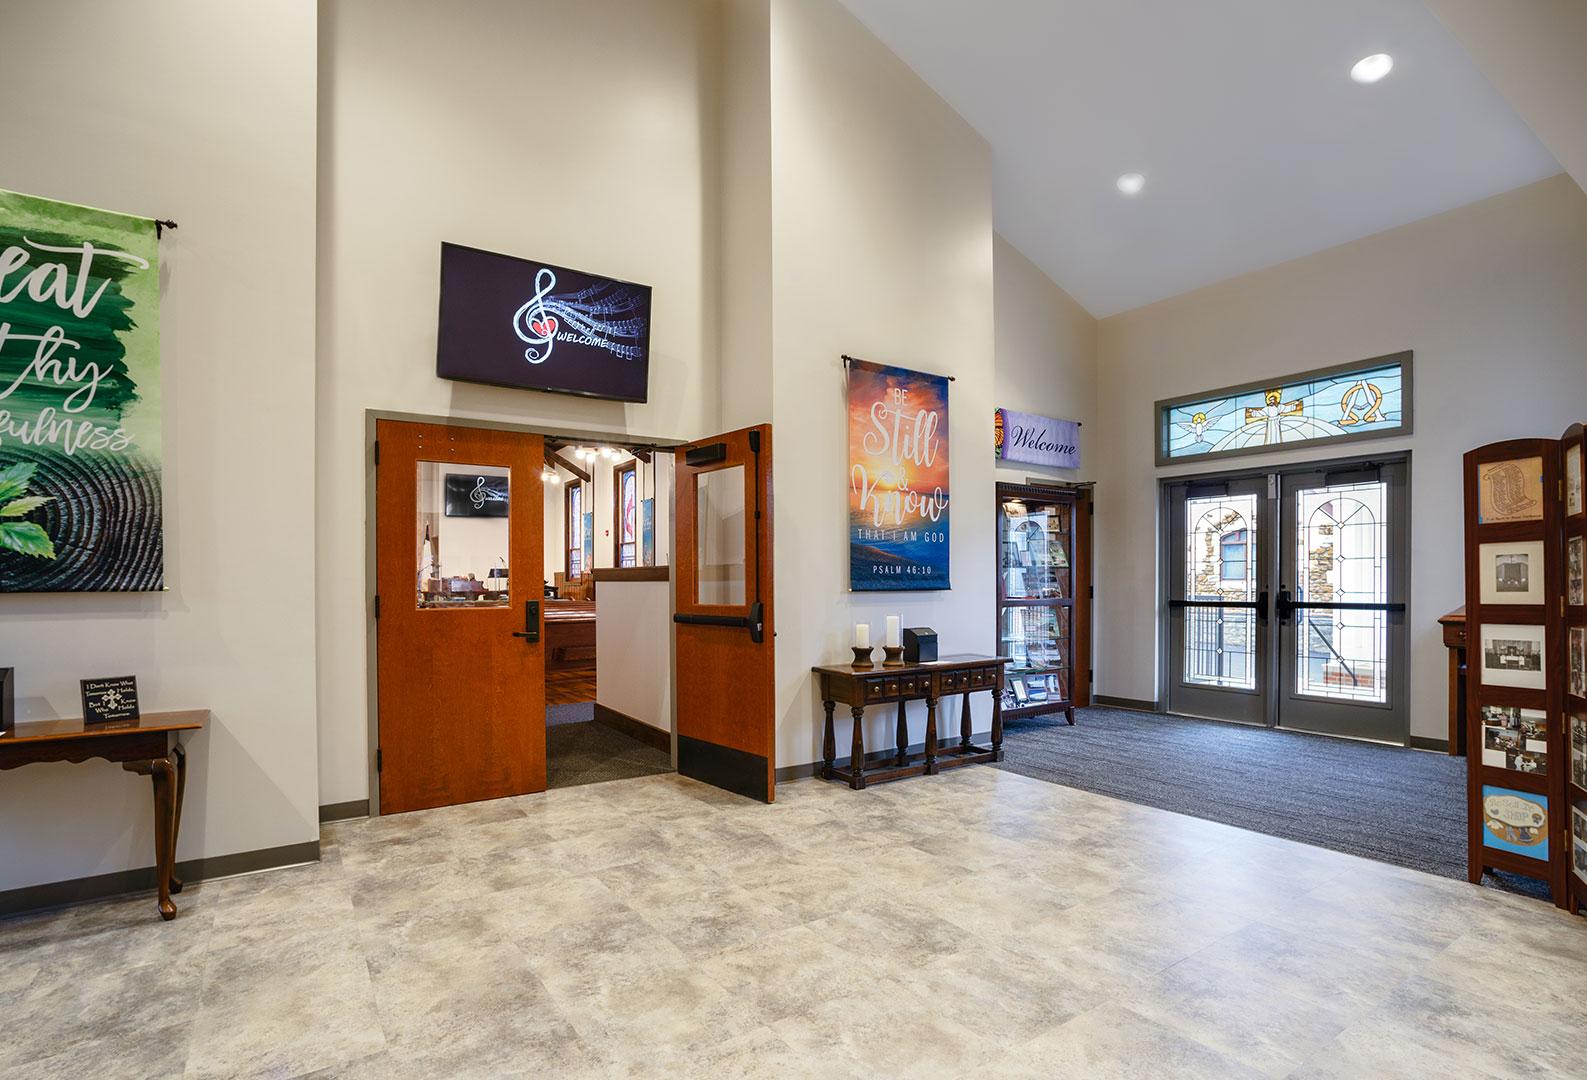 Lobby of St. Luke